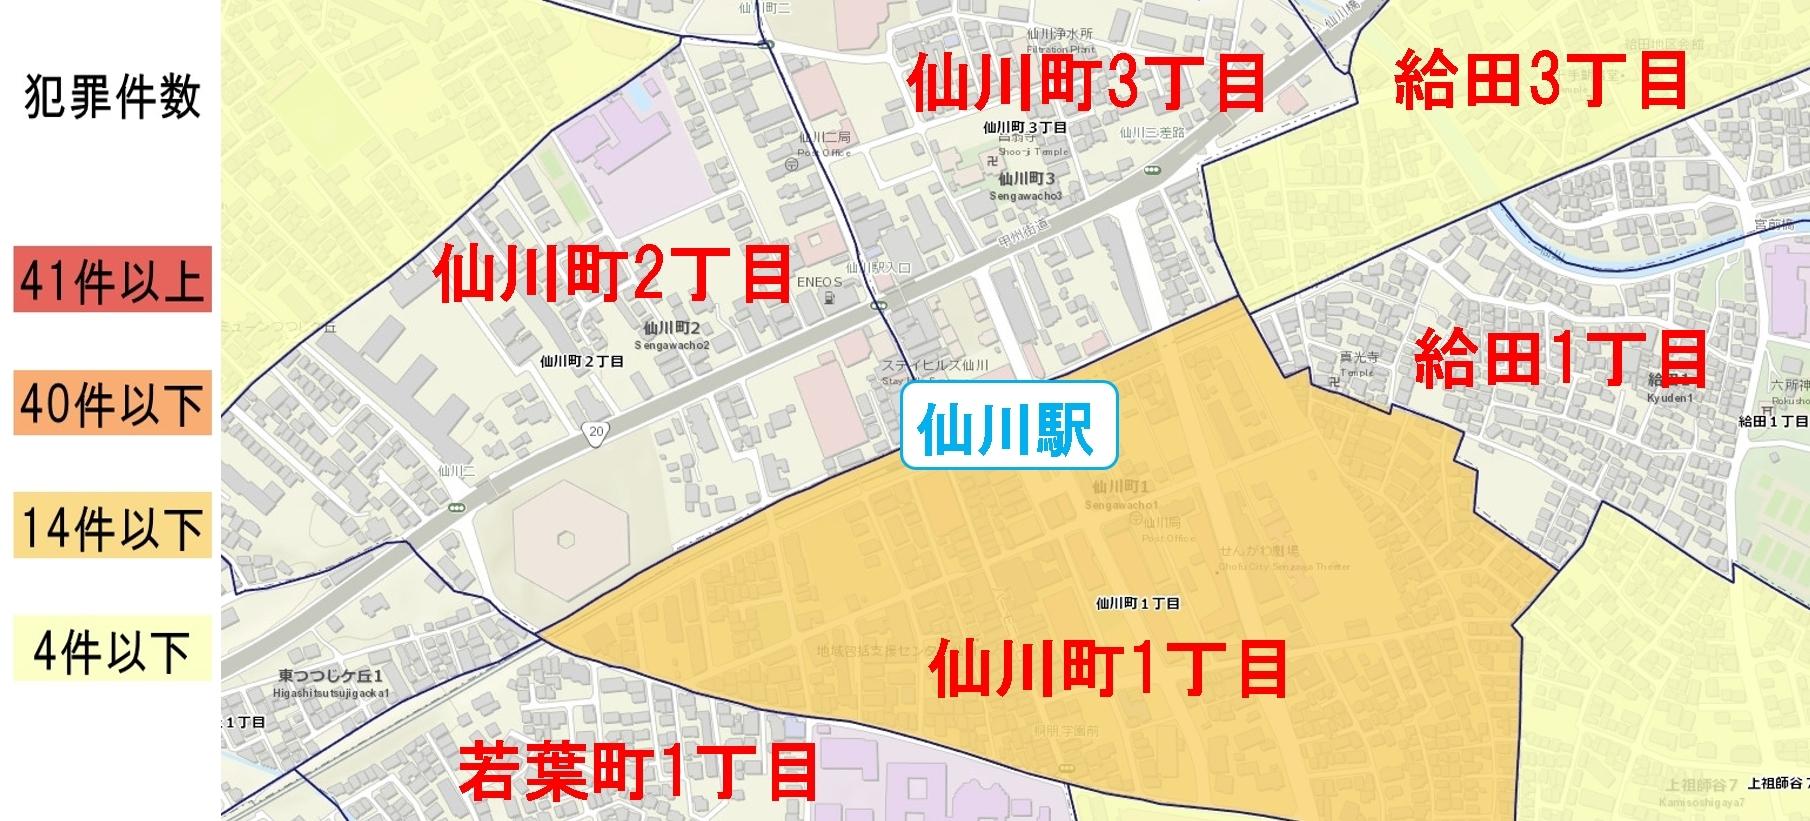 仙川駅周辺の粗暴犯の犯罪件数マップ